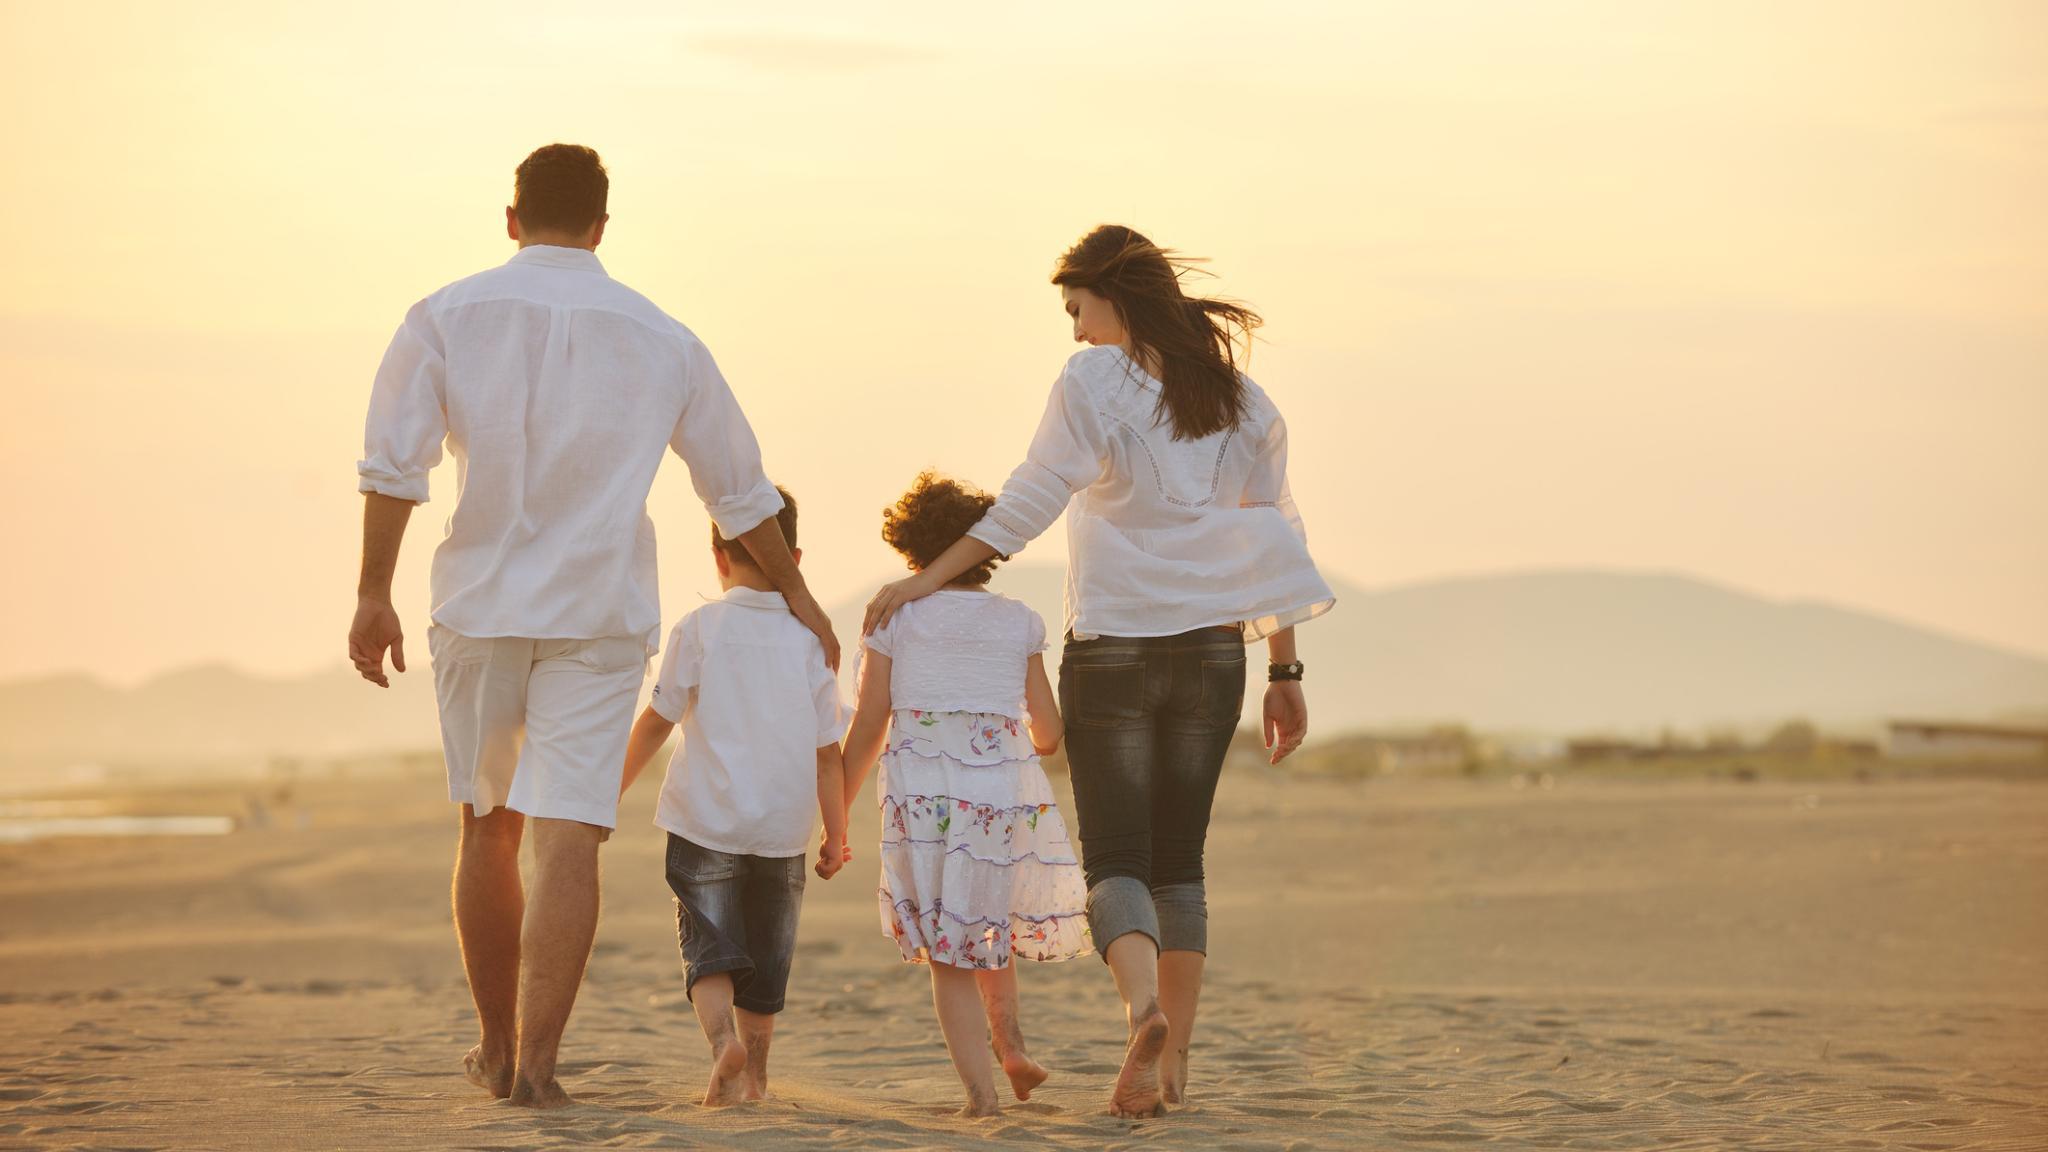 Лишение семьи в детстве влияет на размер мозга во взрослом возрасте